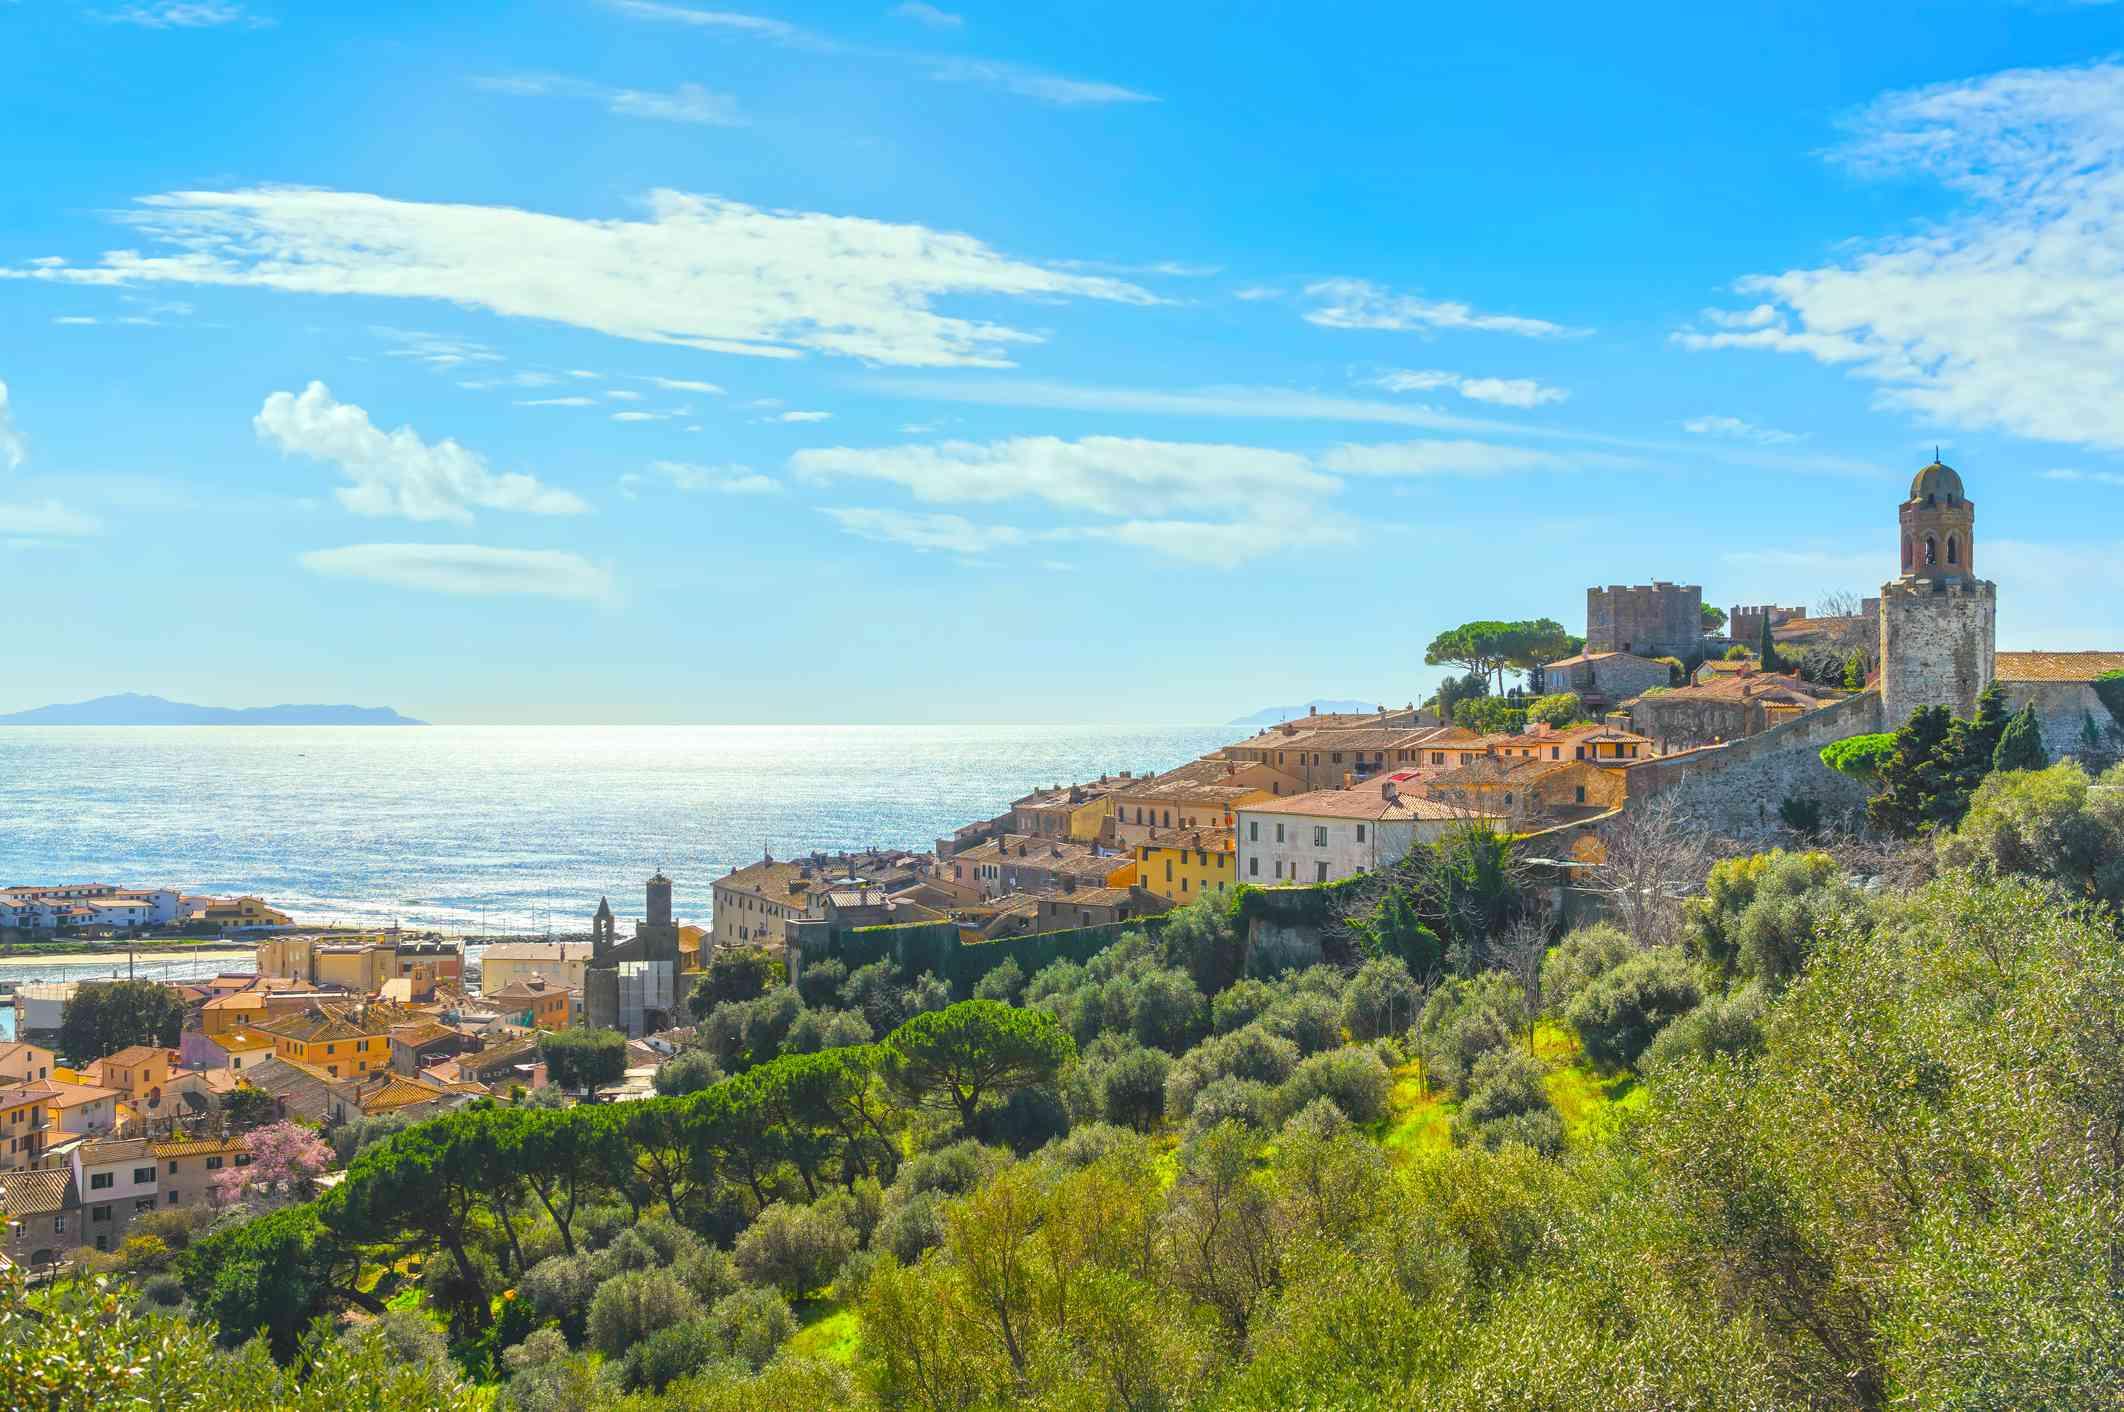 Castiglione della Pescaia, with view of the old town and shoreline